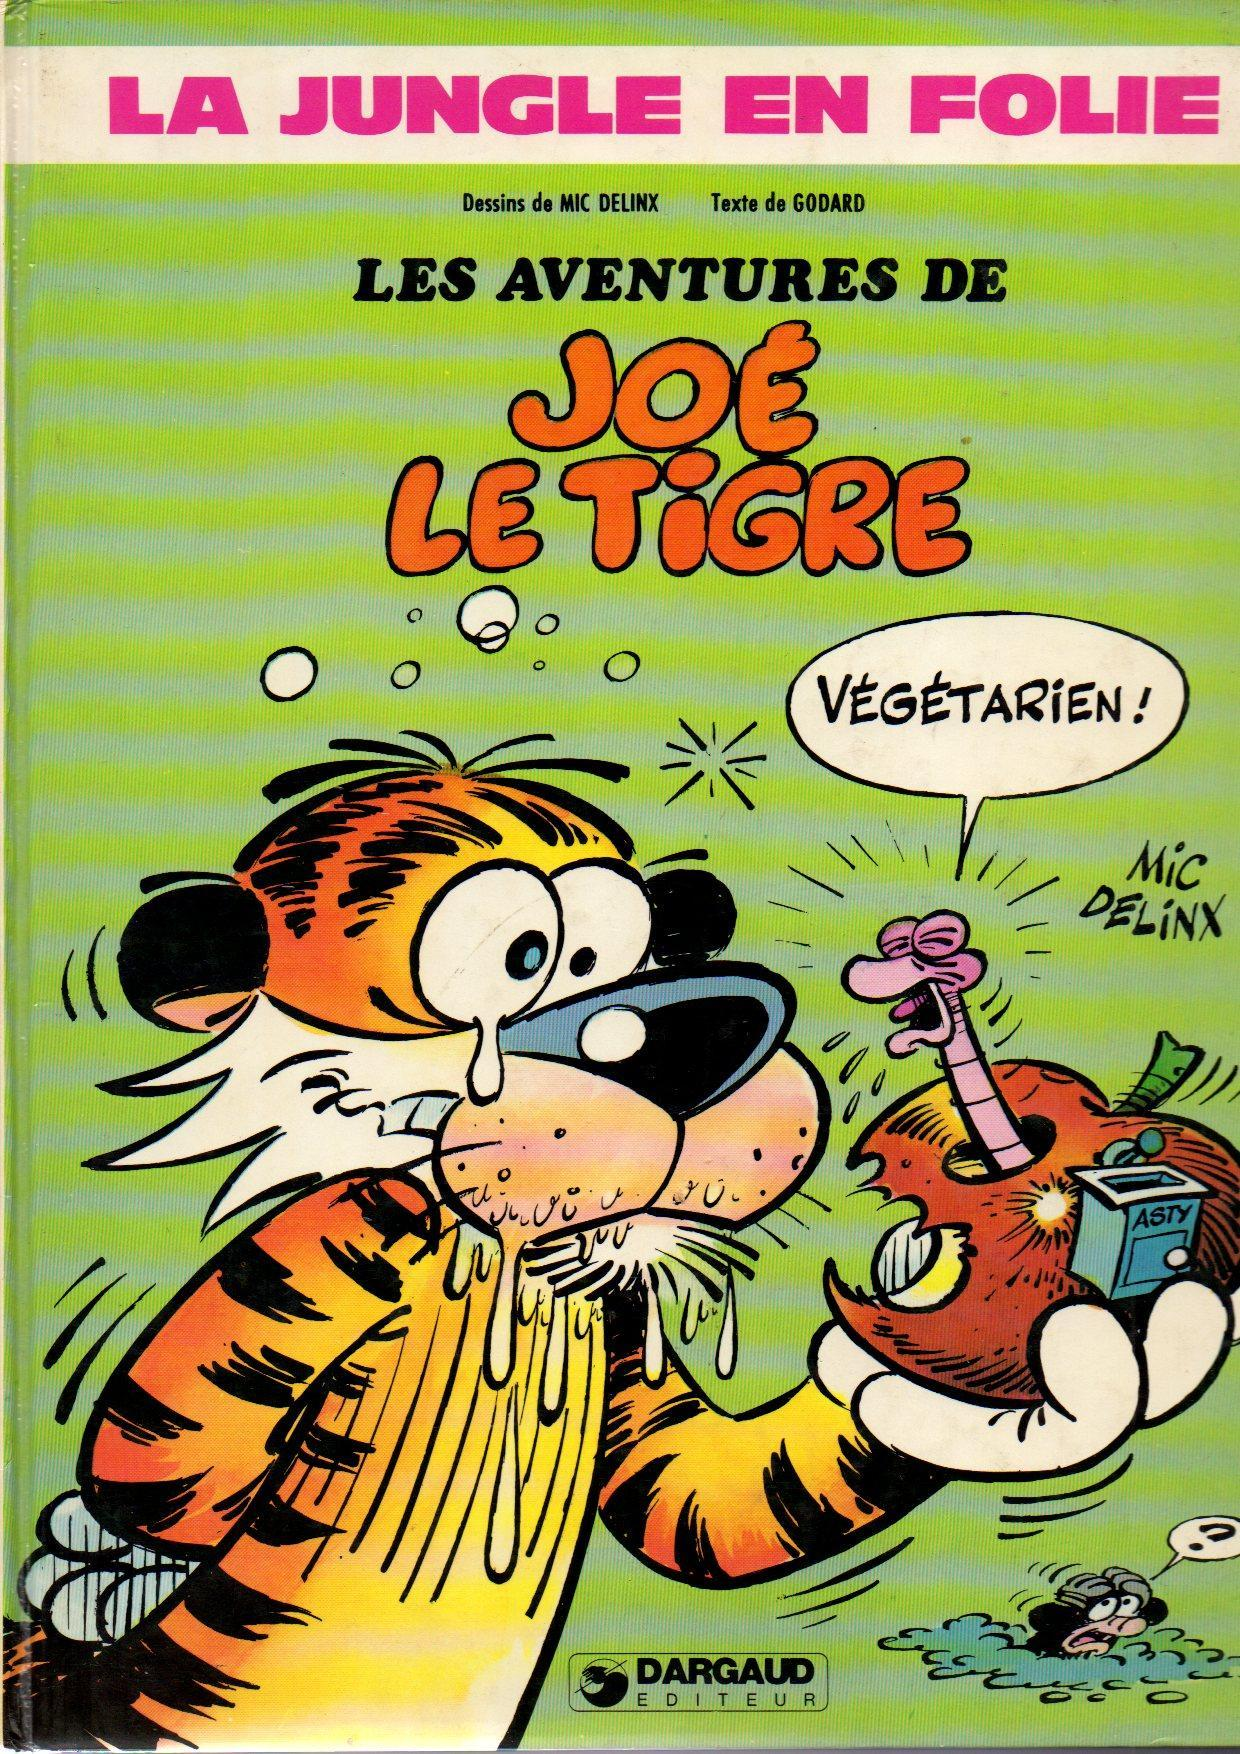 La Jungle en folie - 1. Les Aventures de Joé le tigre | Bdphile